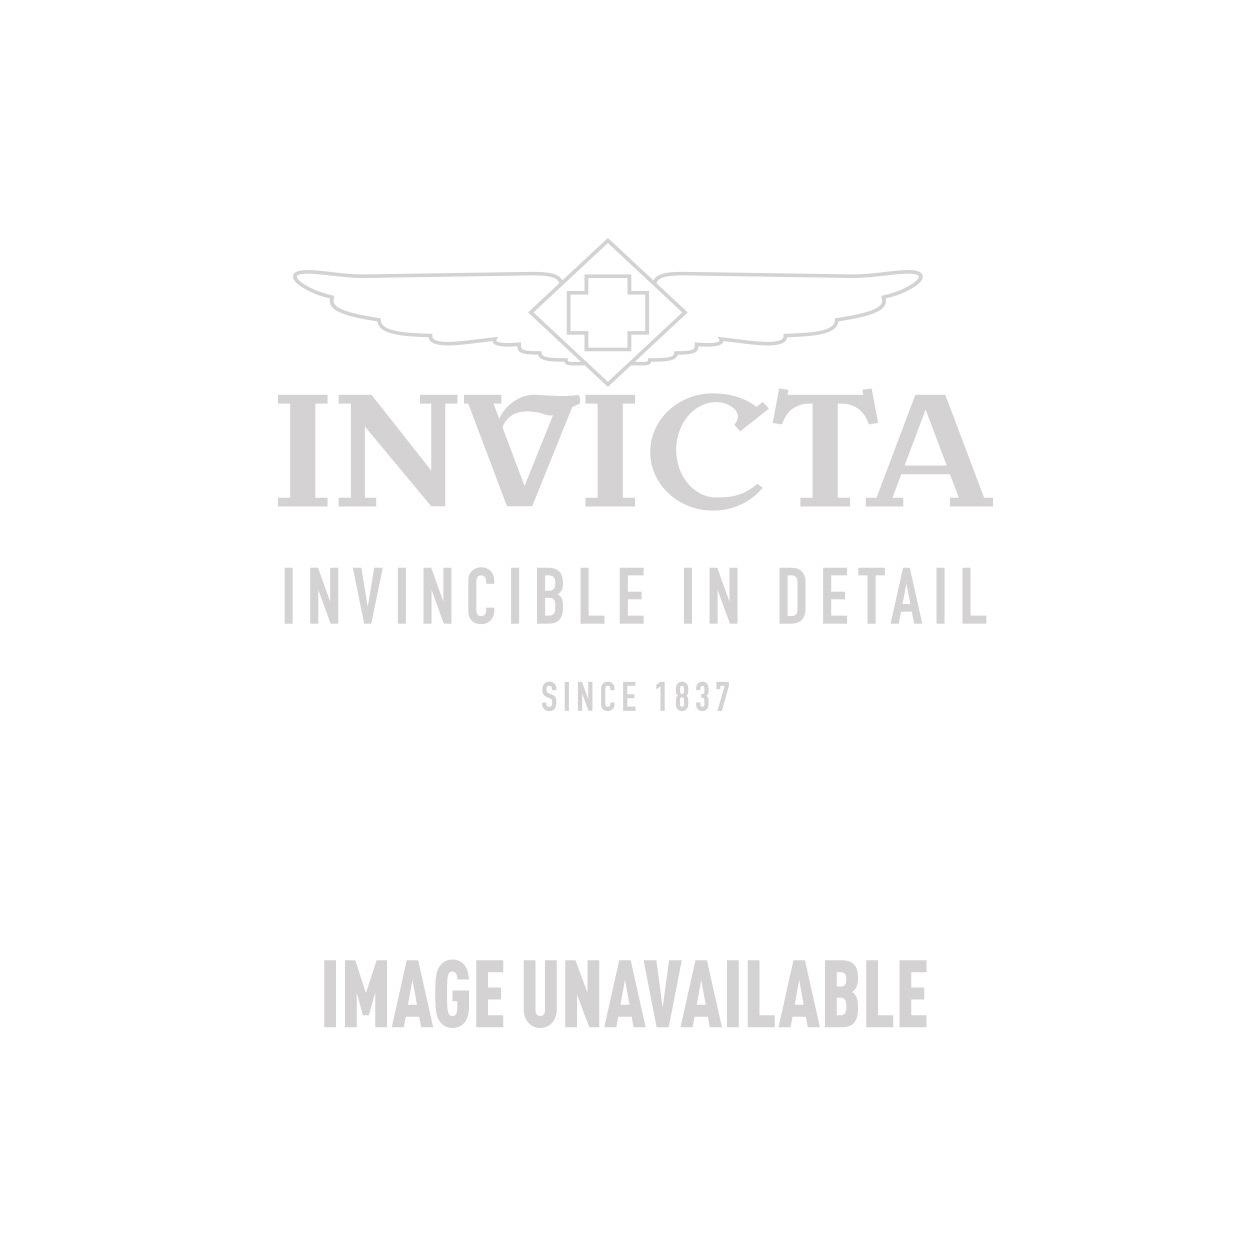 Invicta Model  26713